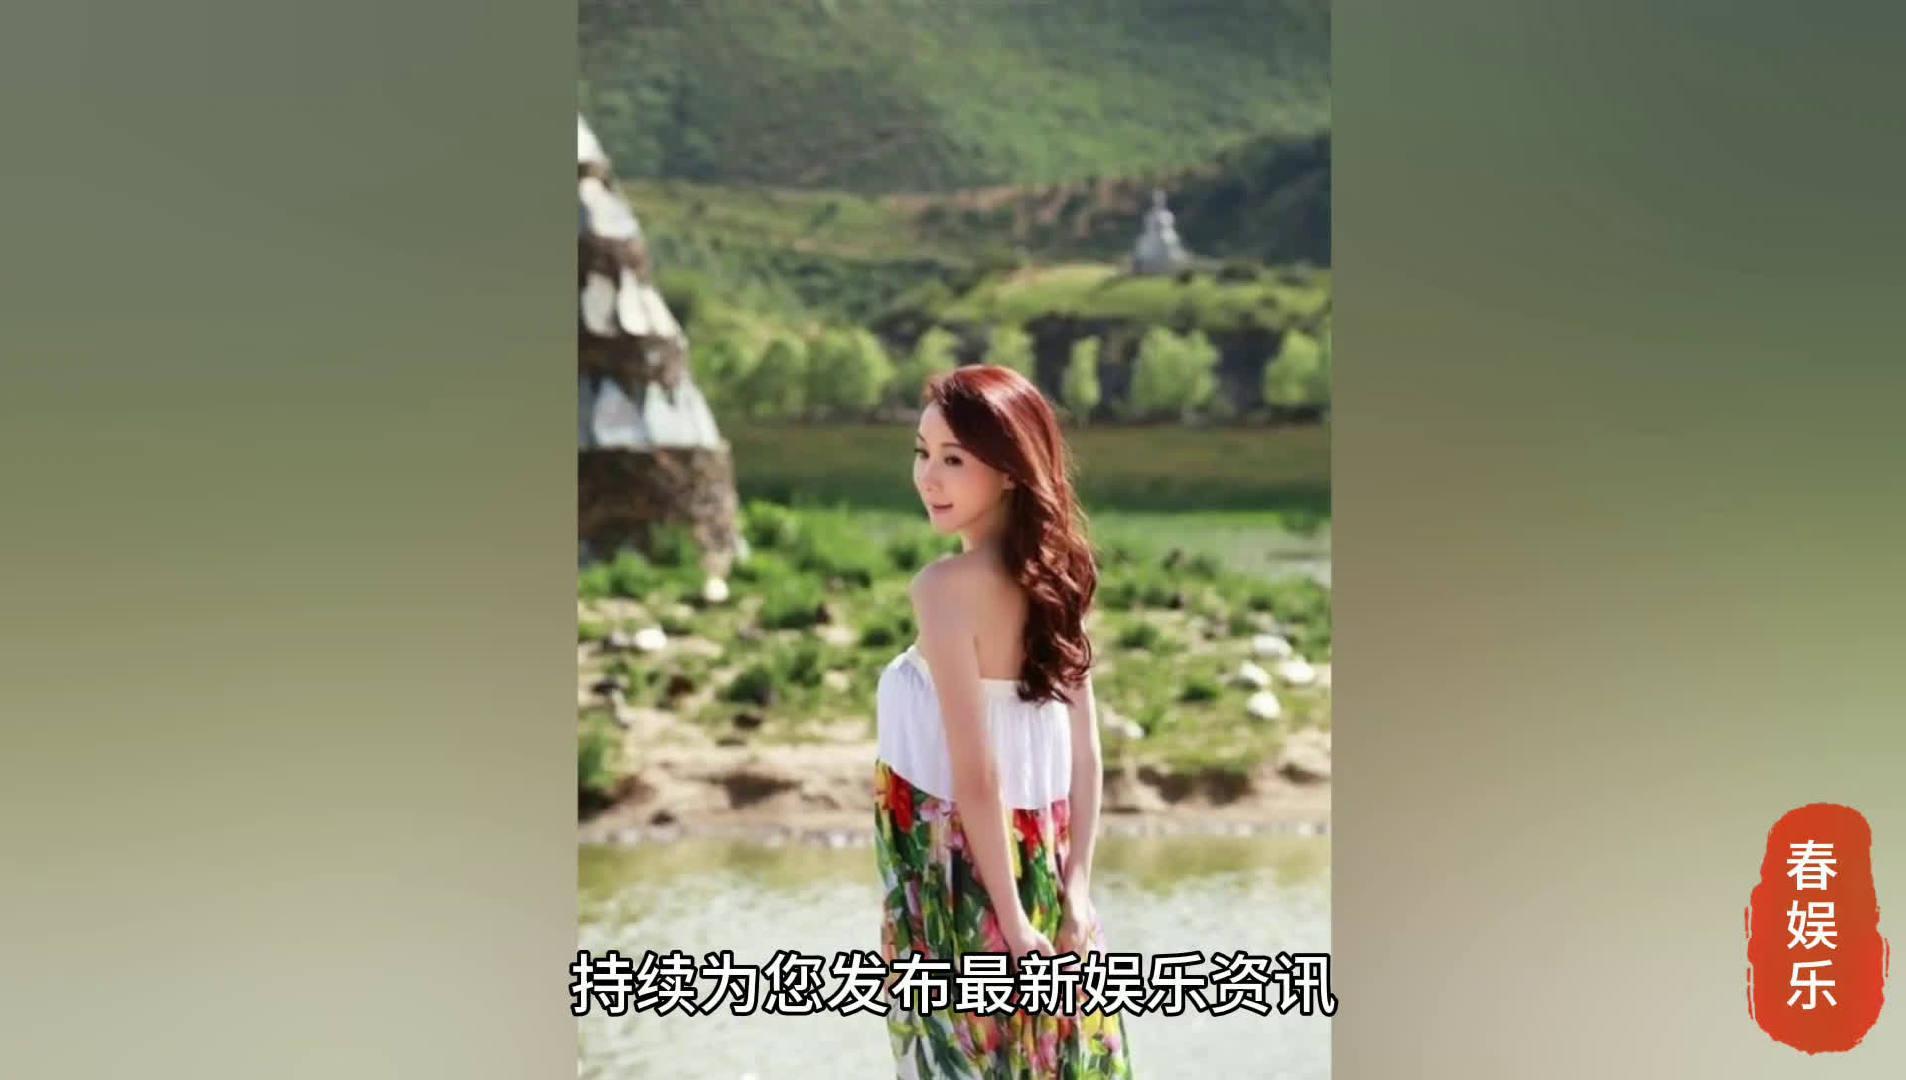 台湾第一美女萧蔷晒照,穿抹胸长裙身材好,51岁状态不错